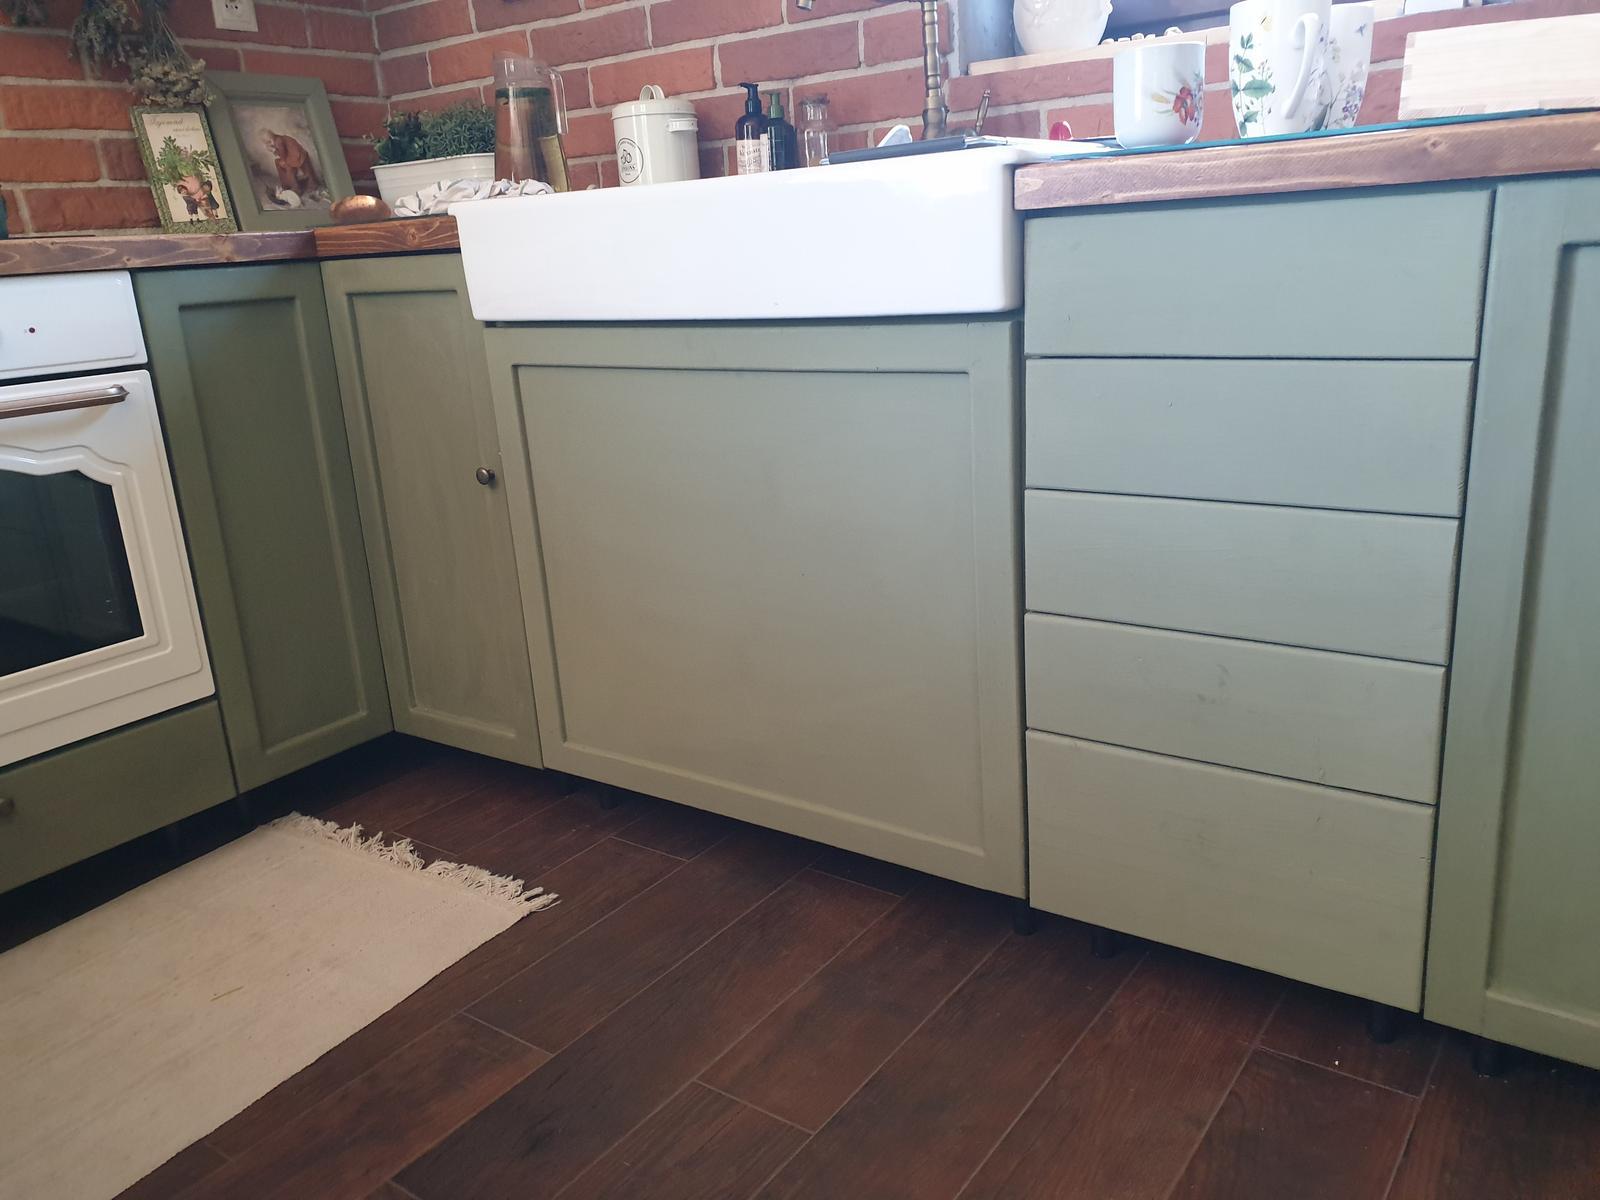 Kuchyňa svojpomocne - Ešte zavoskovať a úchytky... a daco spravit s tymi velkymi dverami pod umyvadlom... nie je to celkom ono :(